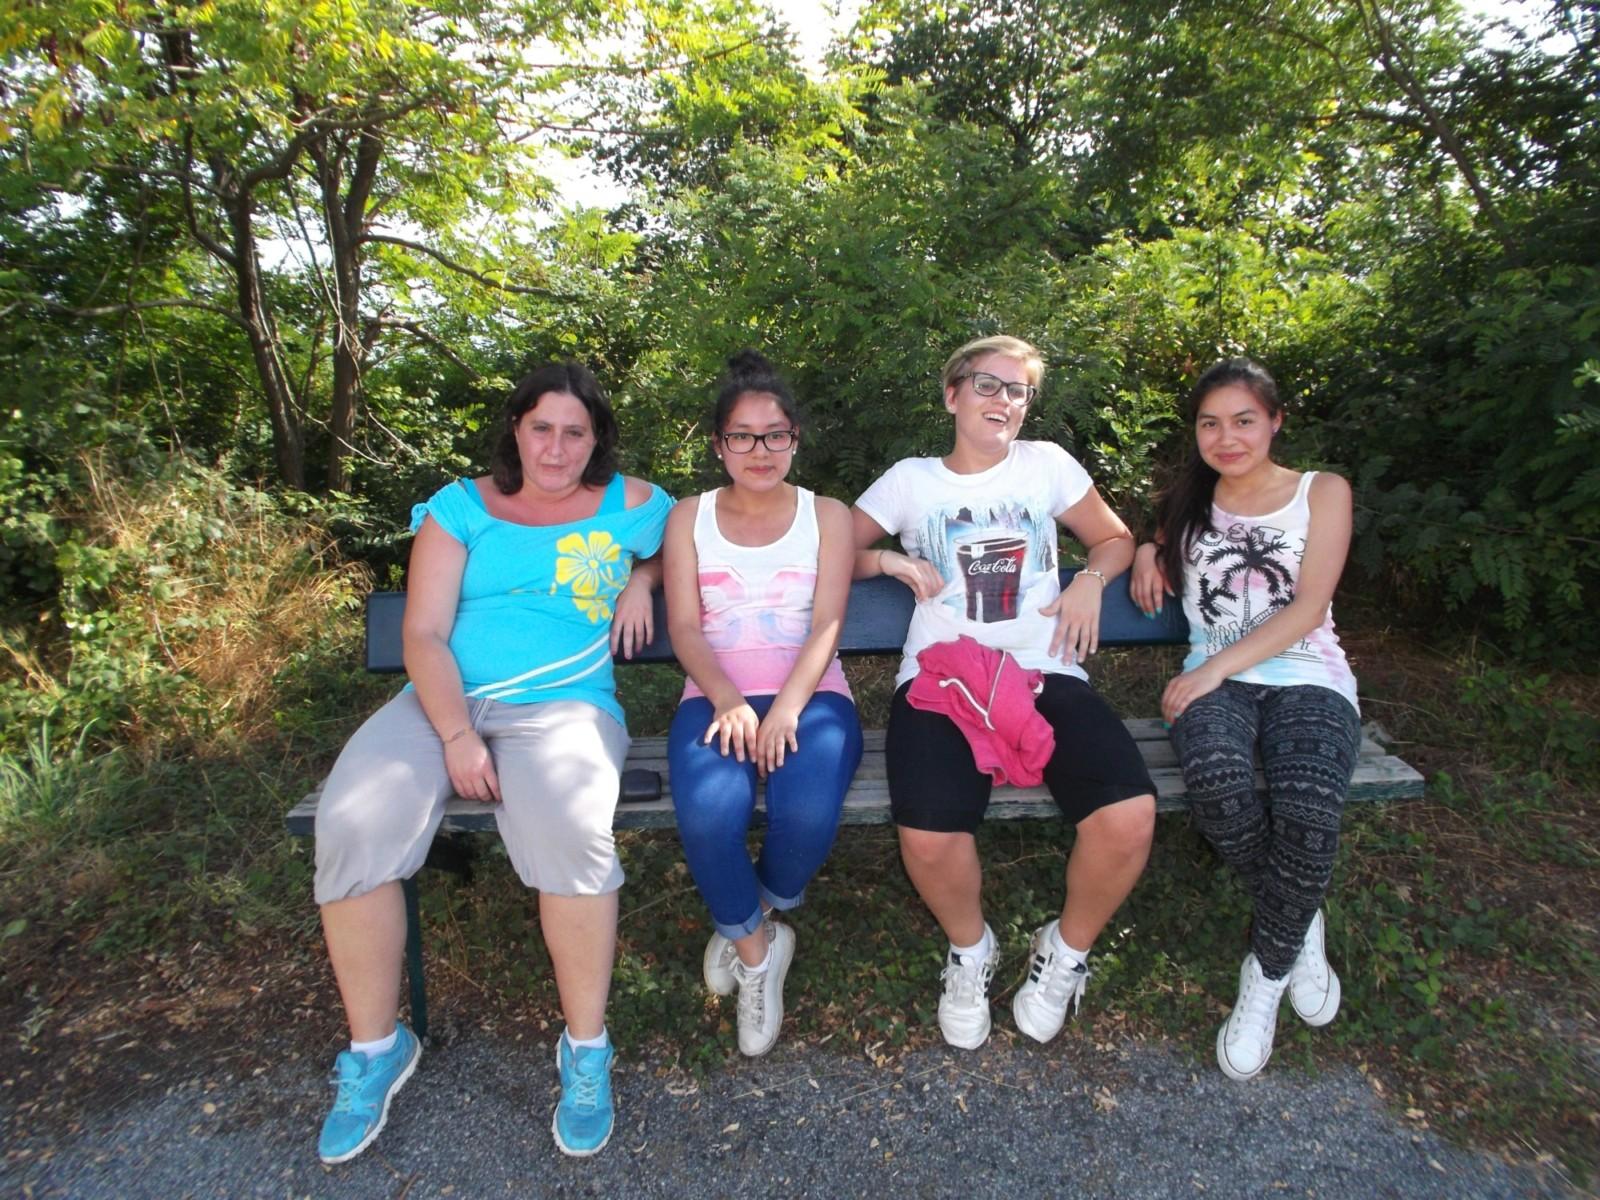 bivacco_giovani_monte_fasce_2014-07-12-17-49-03